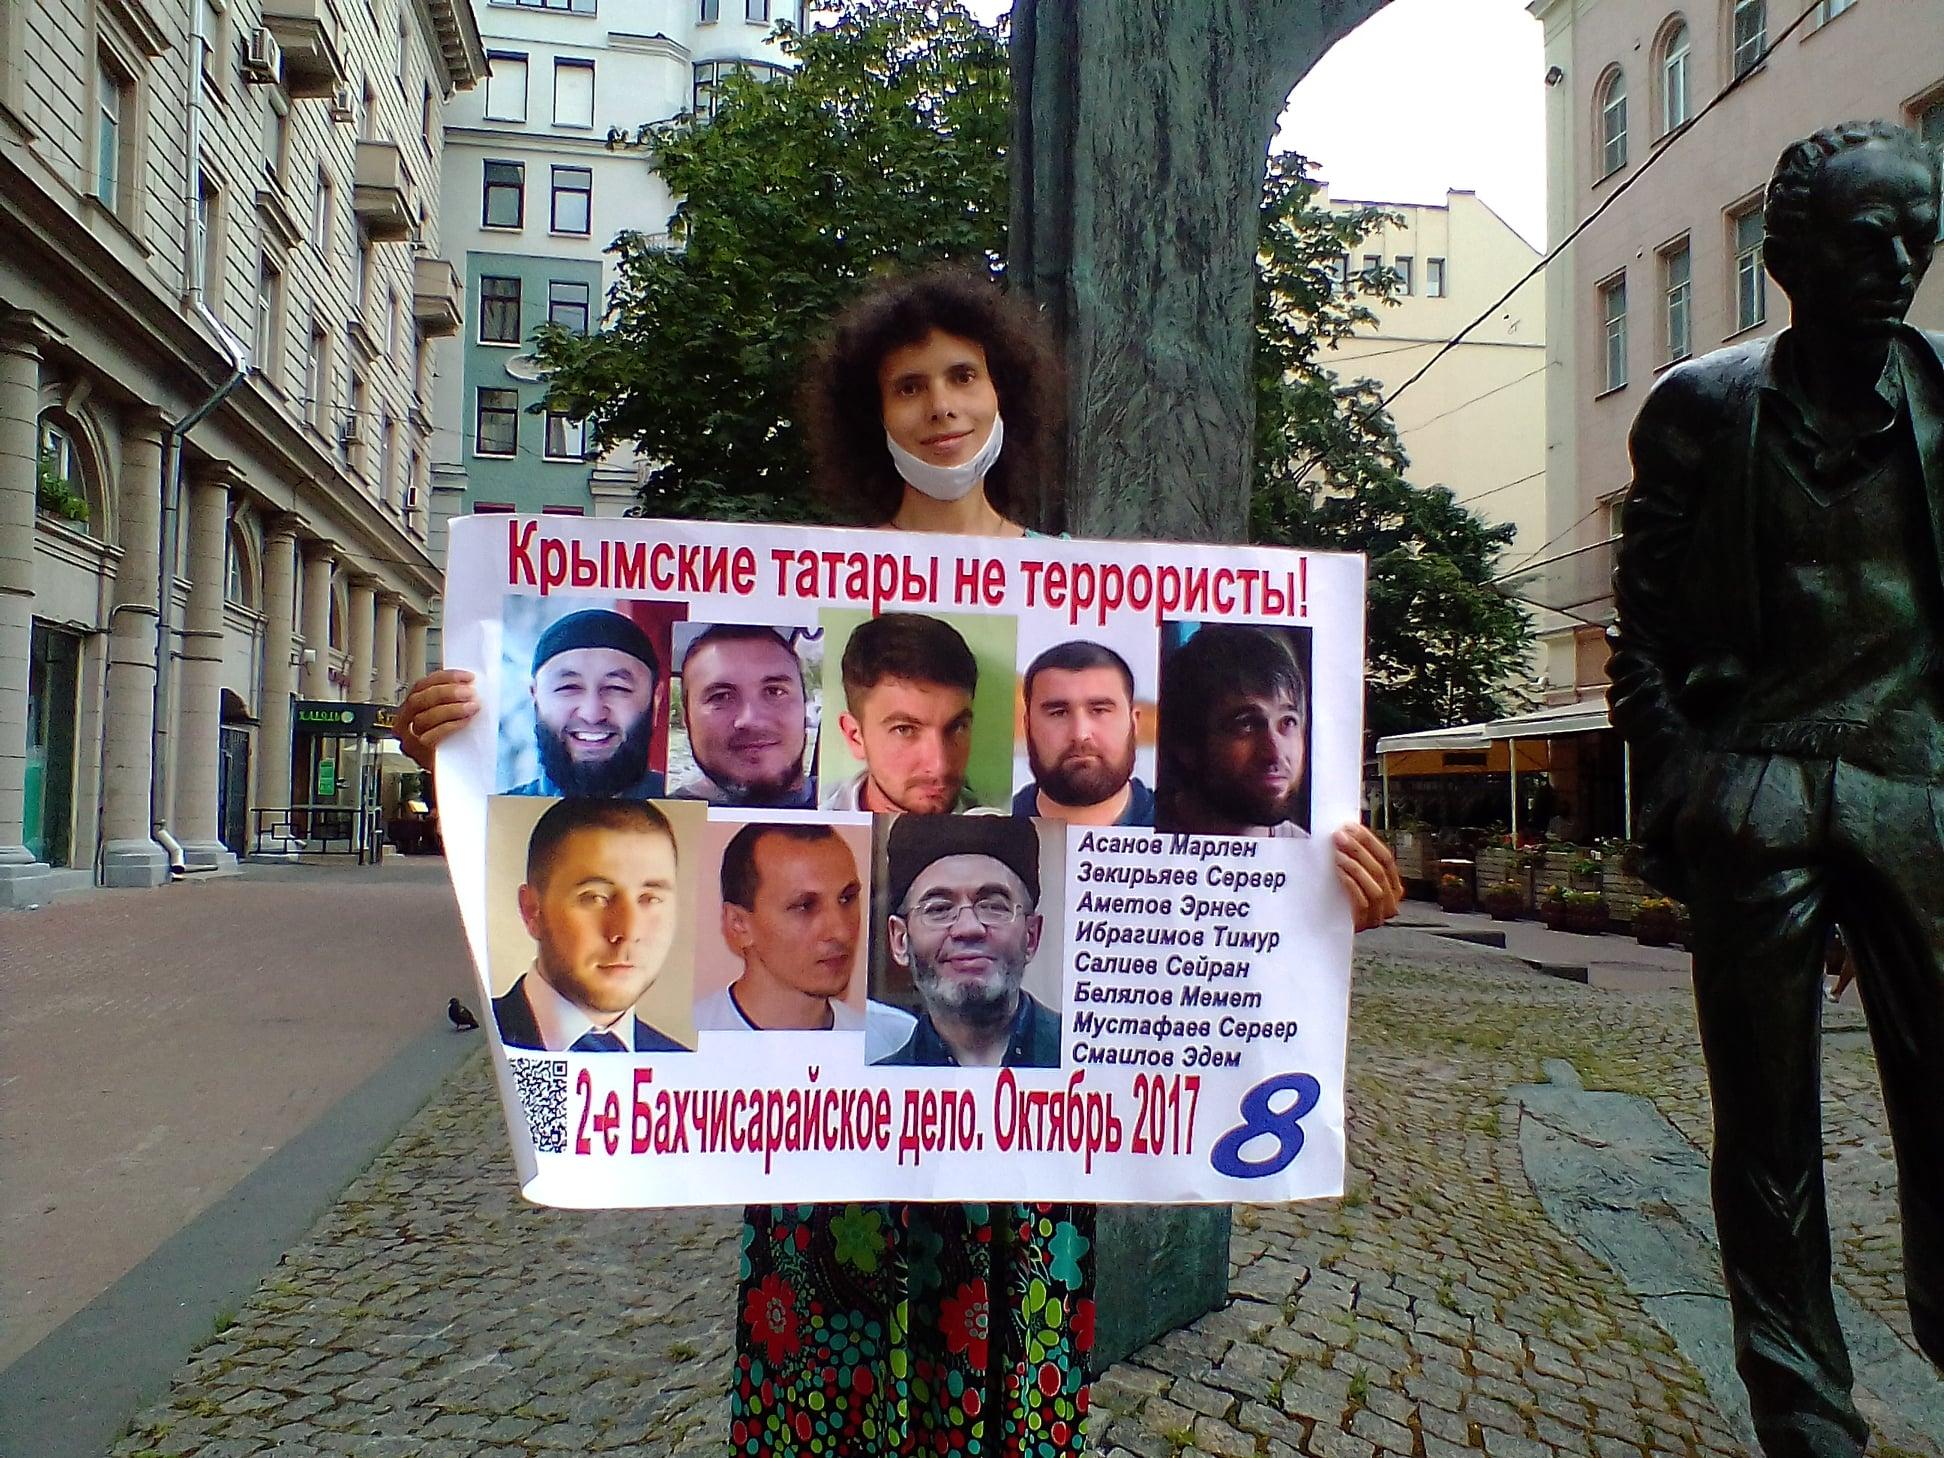 Активісти з Москви провели одиночні пікети на підтримку кримських татар (фото)